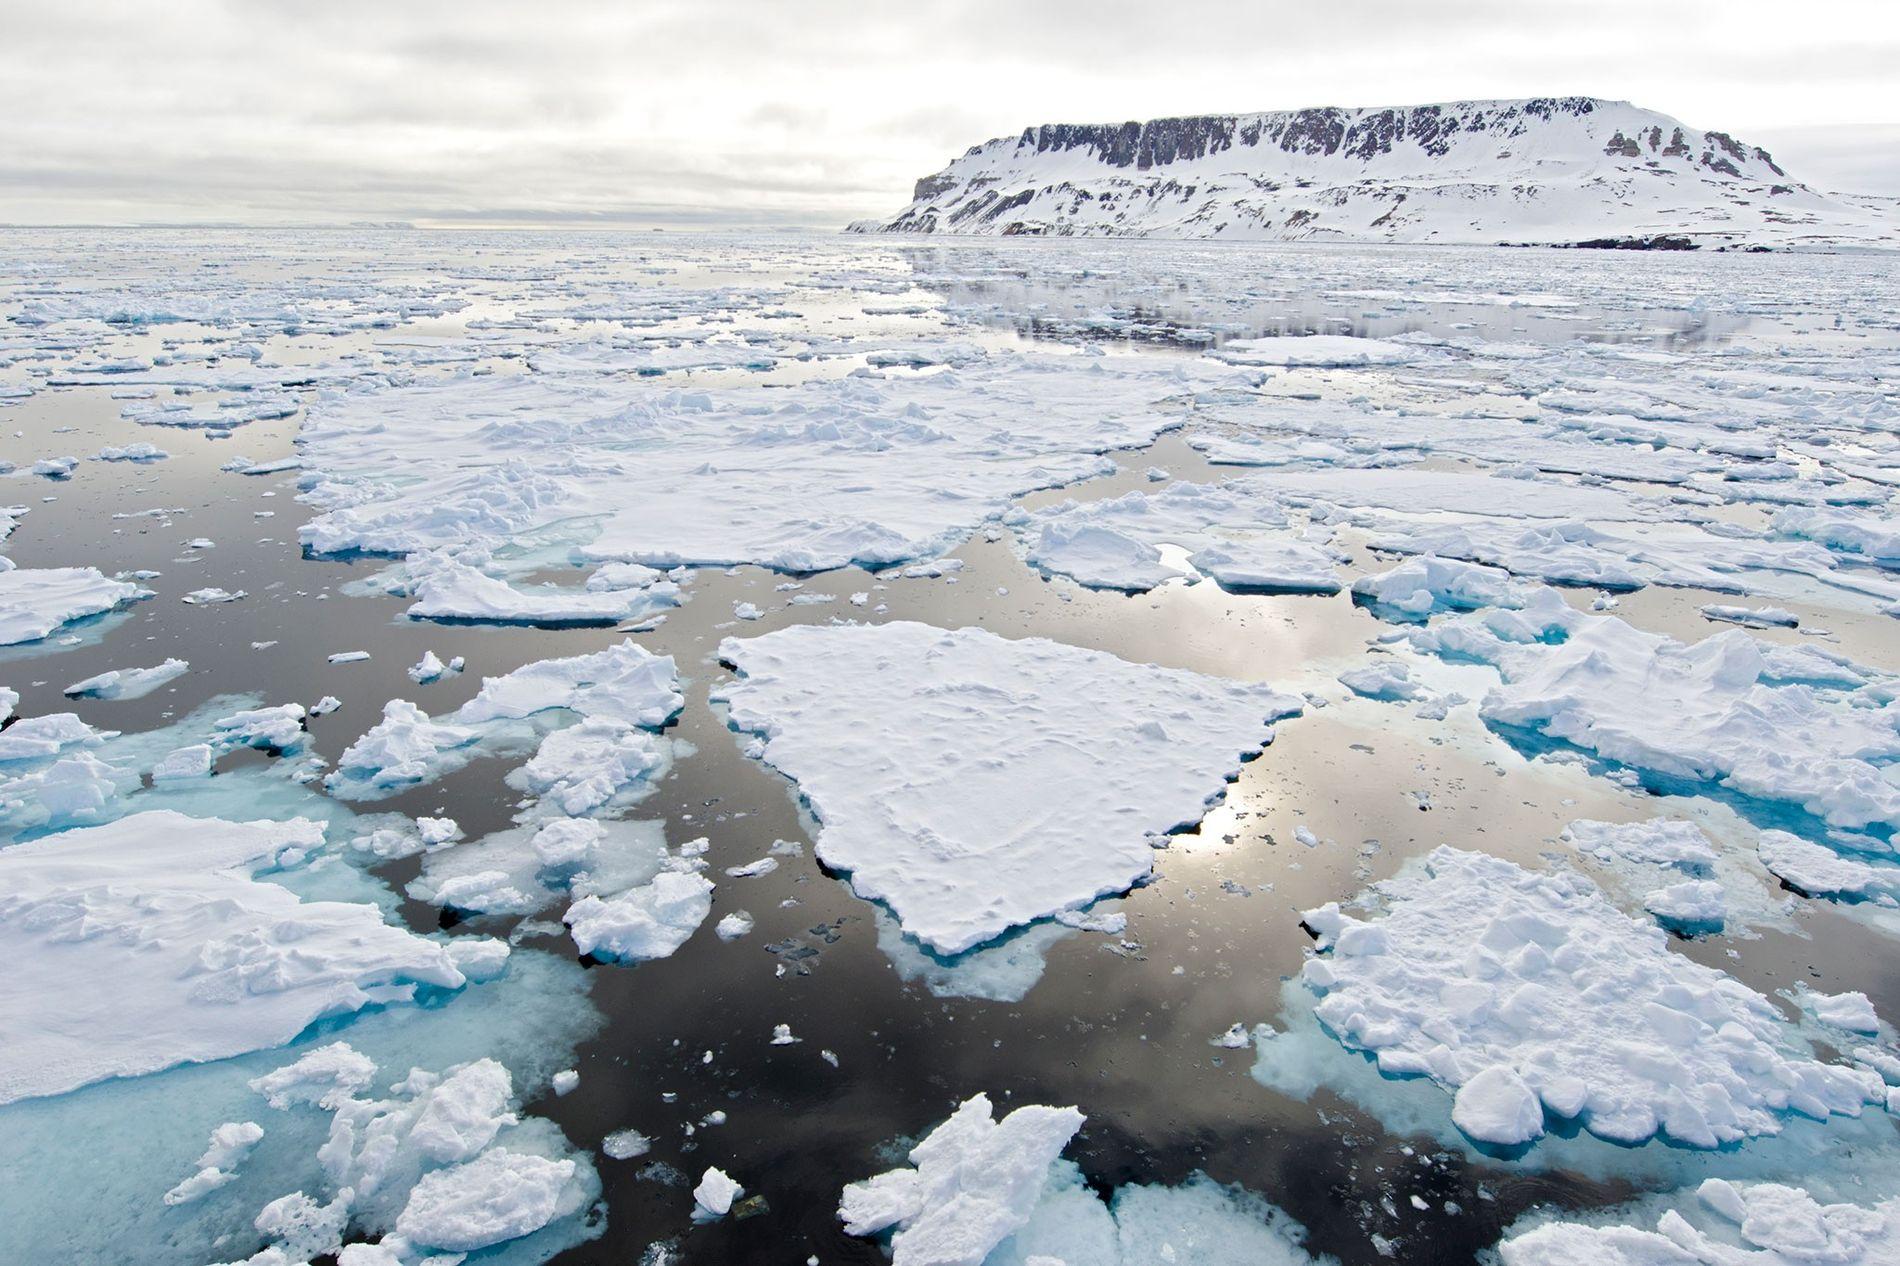 El hielo del Ártico se está haciendo más delgado a medida que el planeta se calienta.